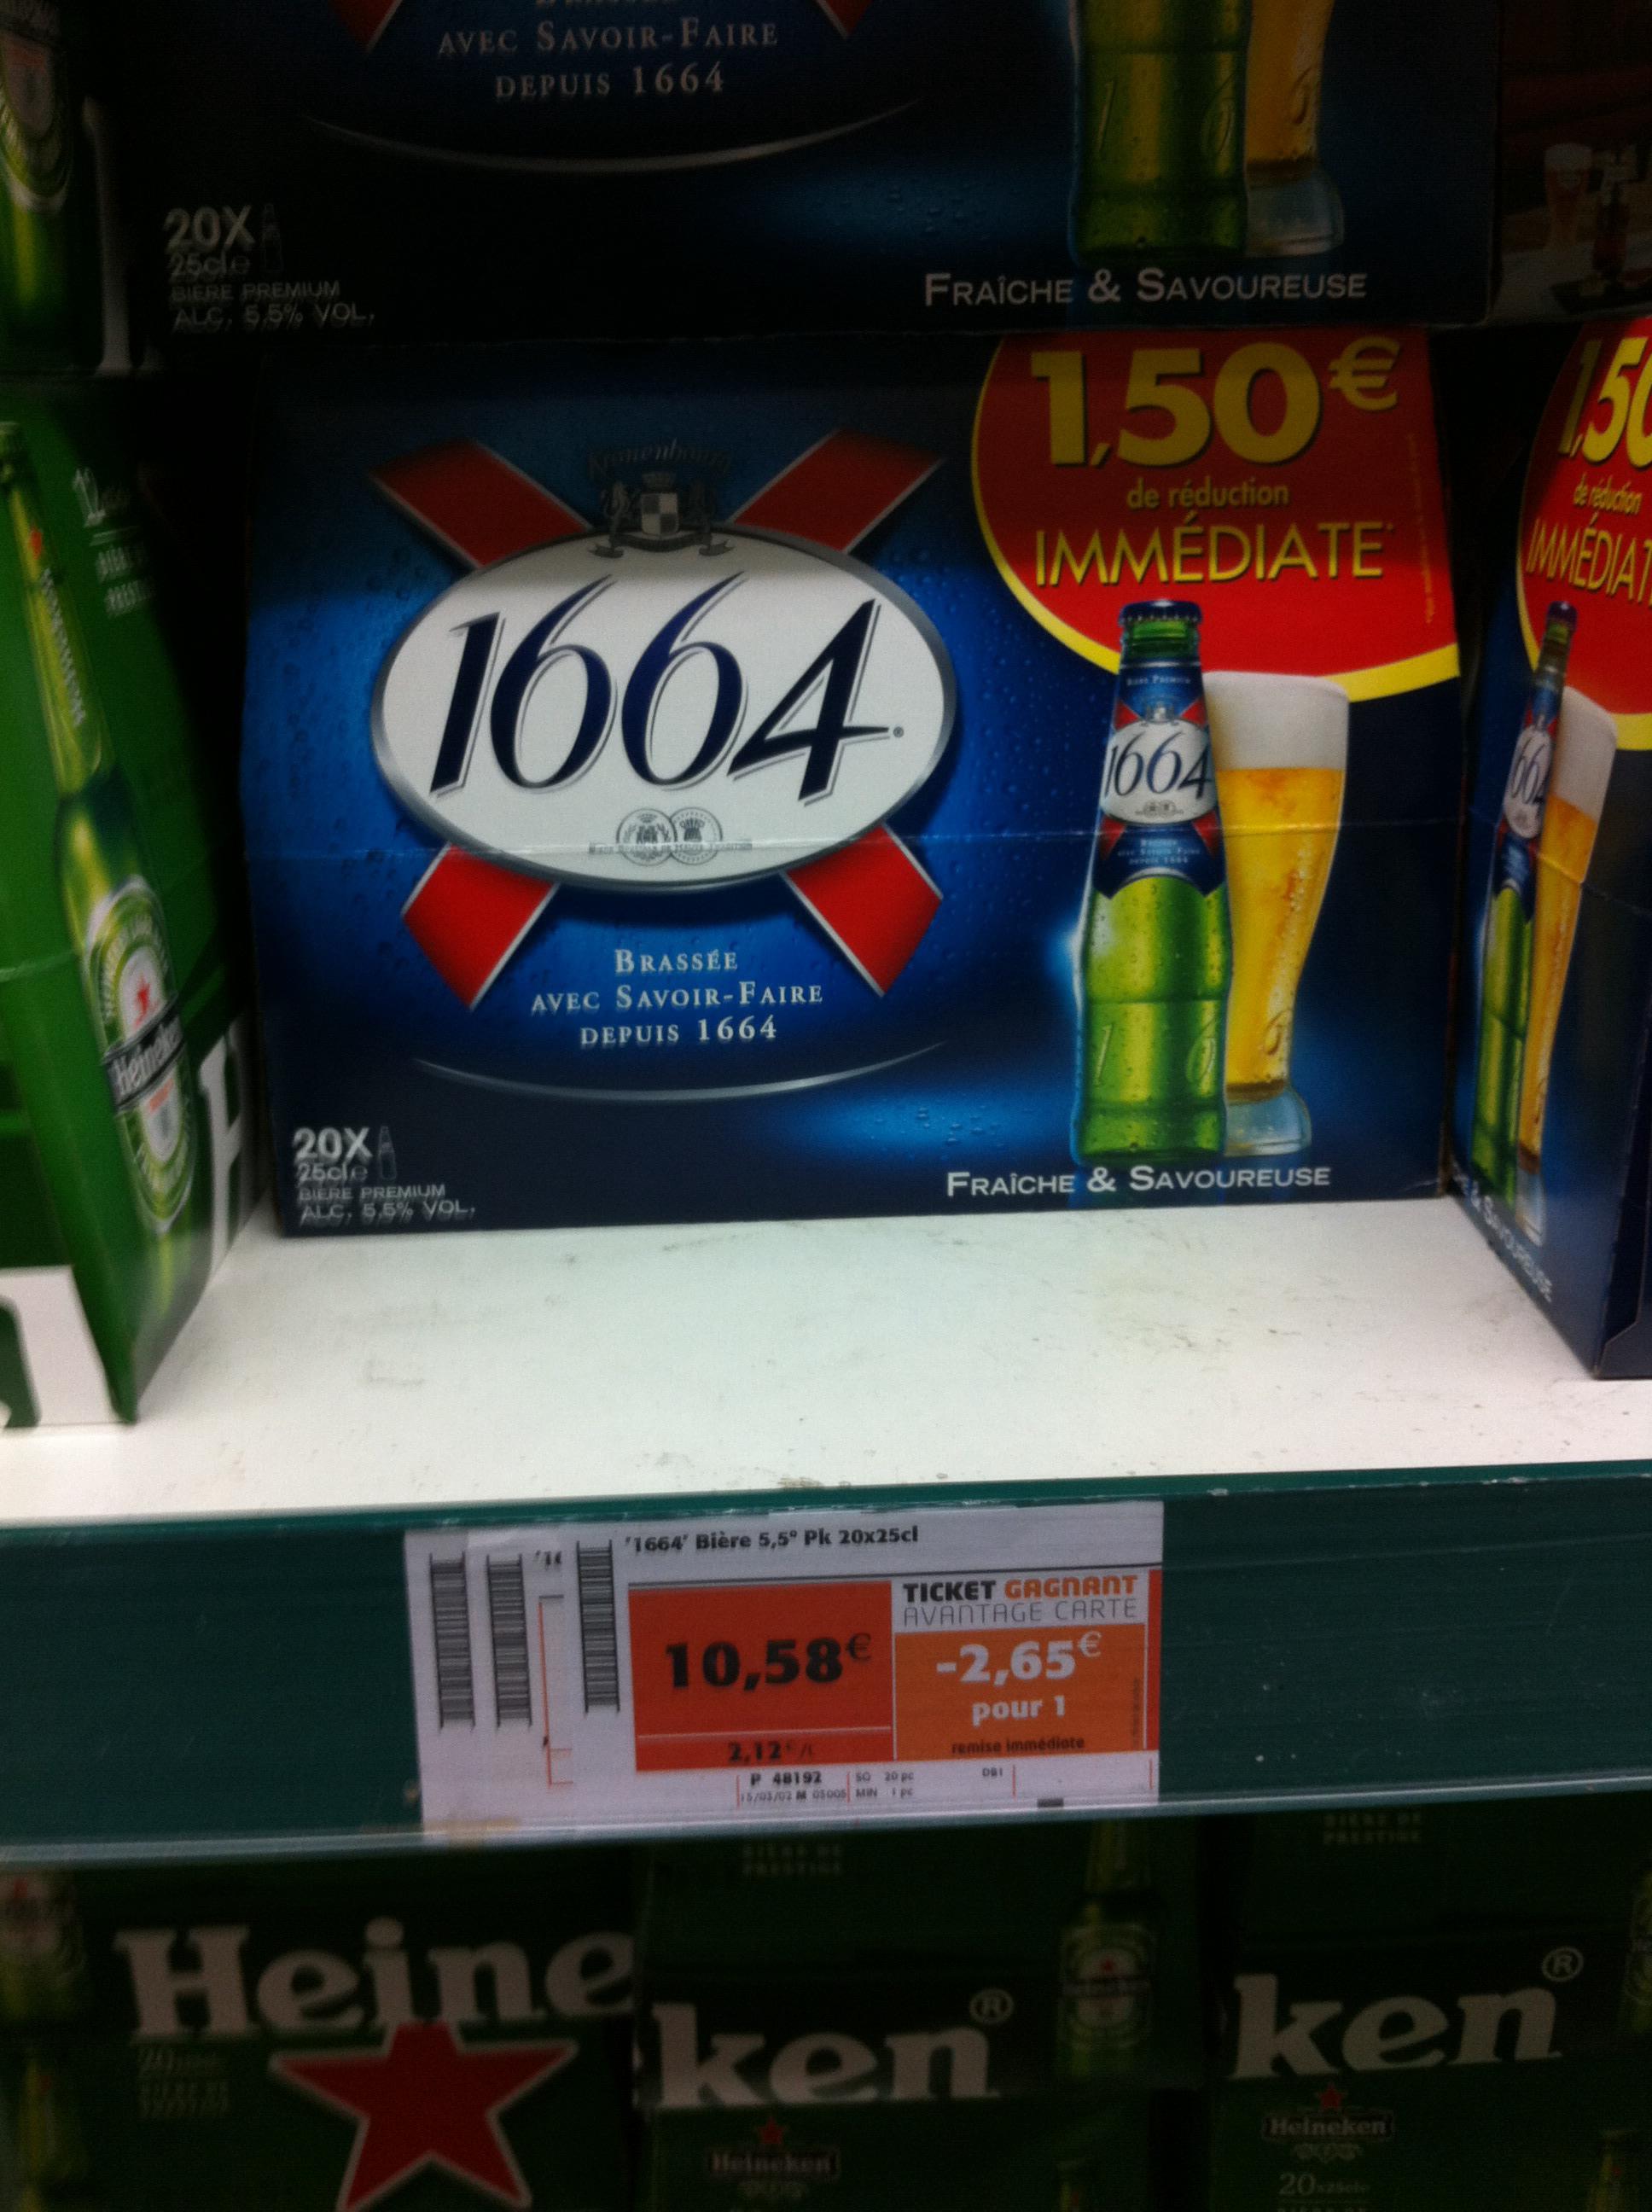 Pack 20 x 33 cL Bière 1664